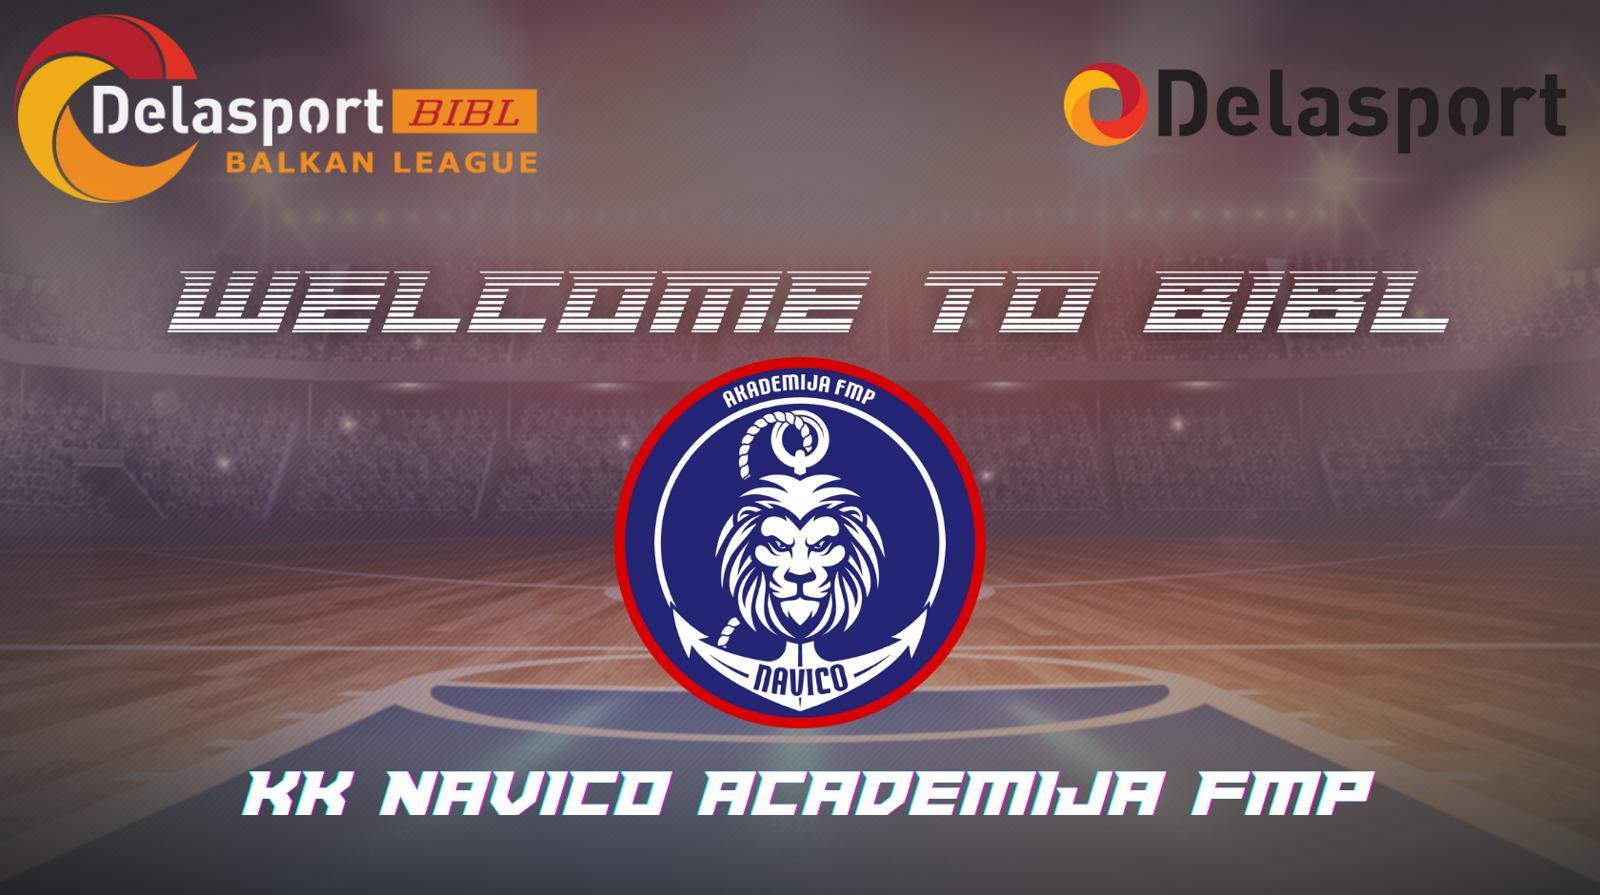 Навико Академија ФМП ќе учествува во БИБЛ Лигата во сезоната 2021/22